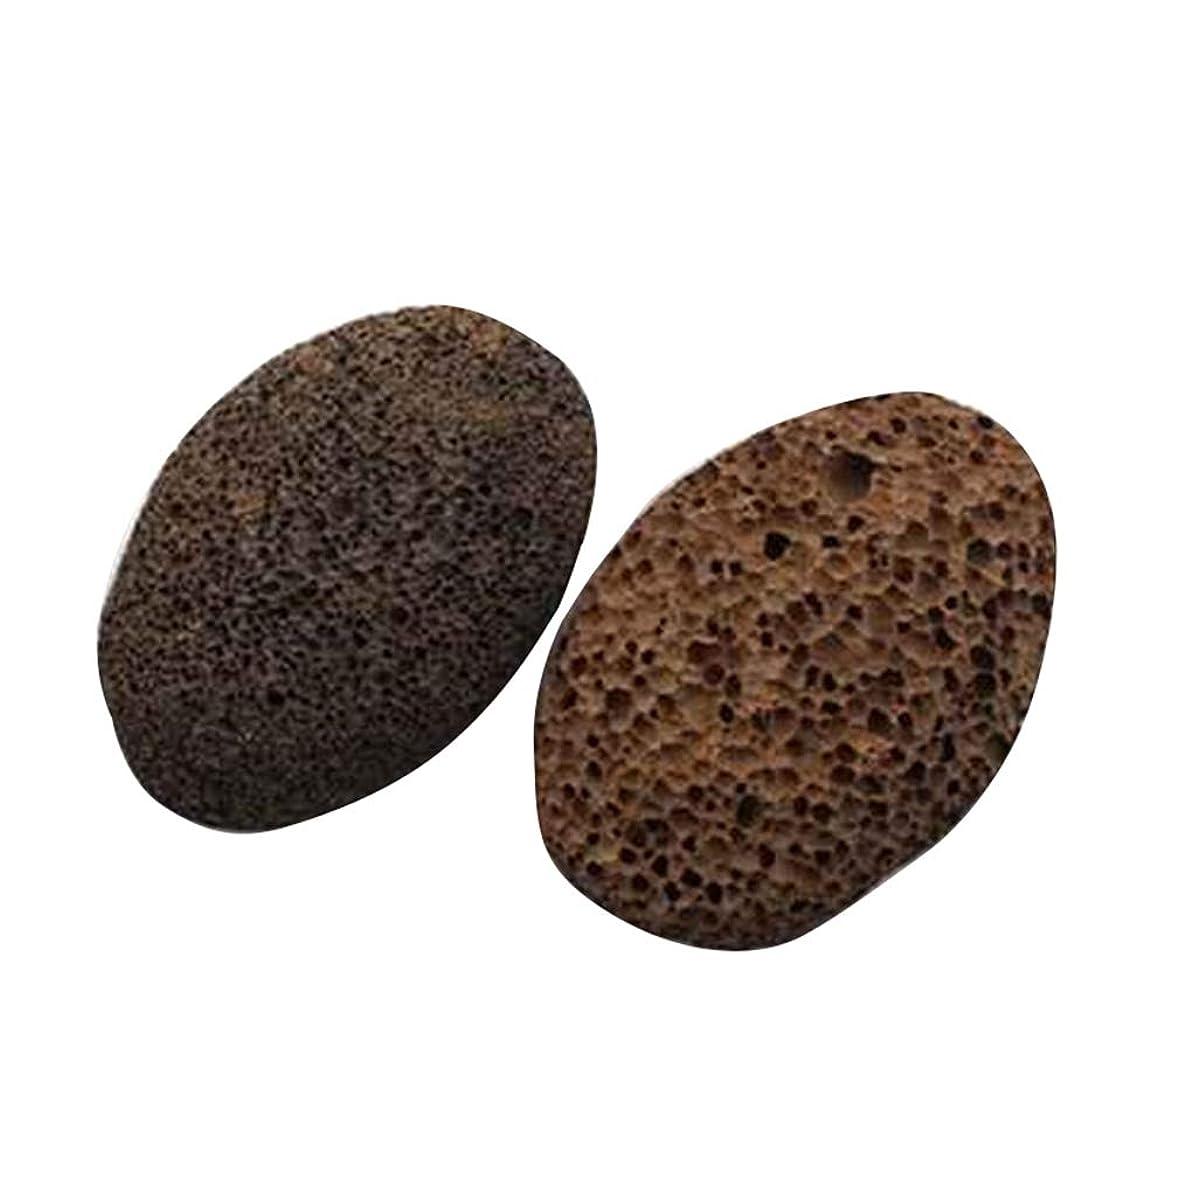 経営者ペチコート町Nerhaily 死んだ皮軽石を取り除き 足石を挽いて 自然の火山石を剥がします 足マッサージ石 ワイプ足石 2個セット